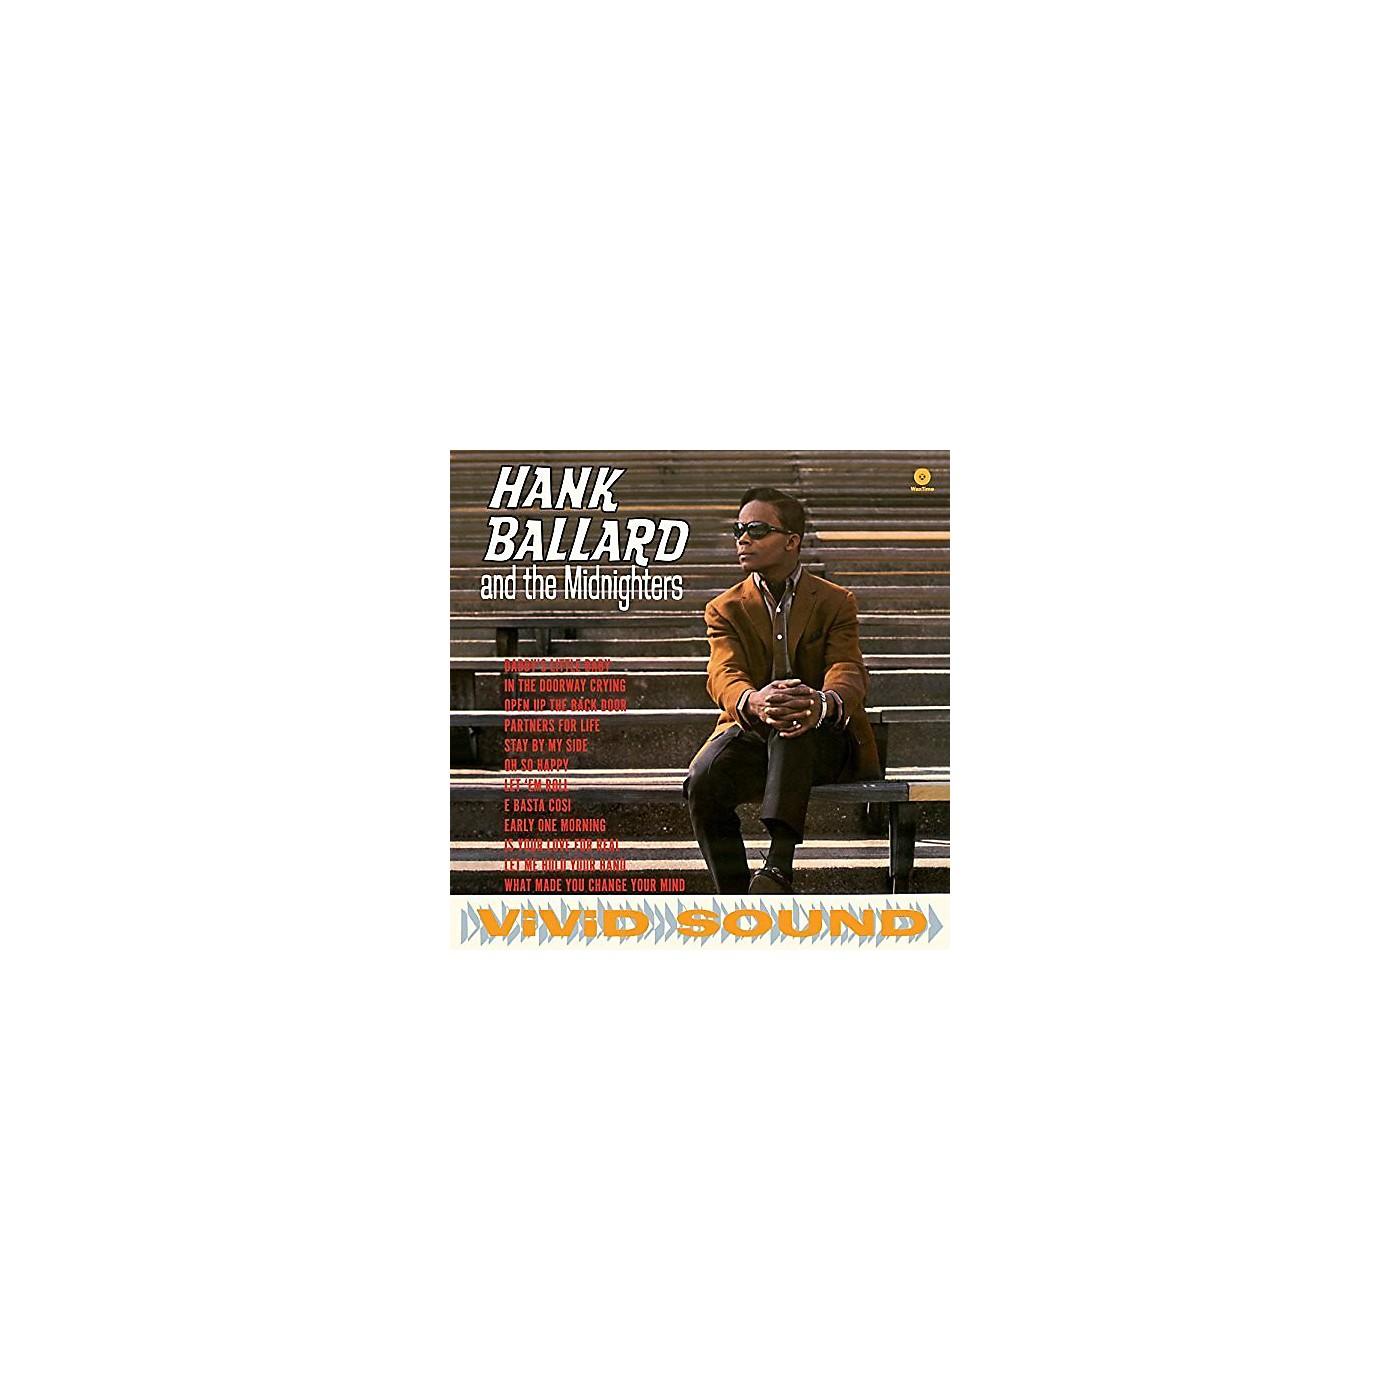 Alliance Hank Ballard & the Midnighters - Hank Ballard & the Midnighters thumbnail